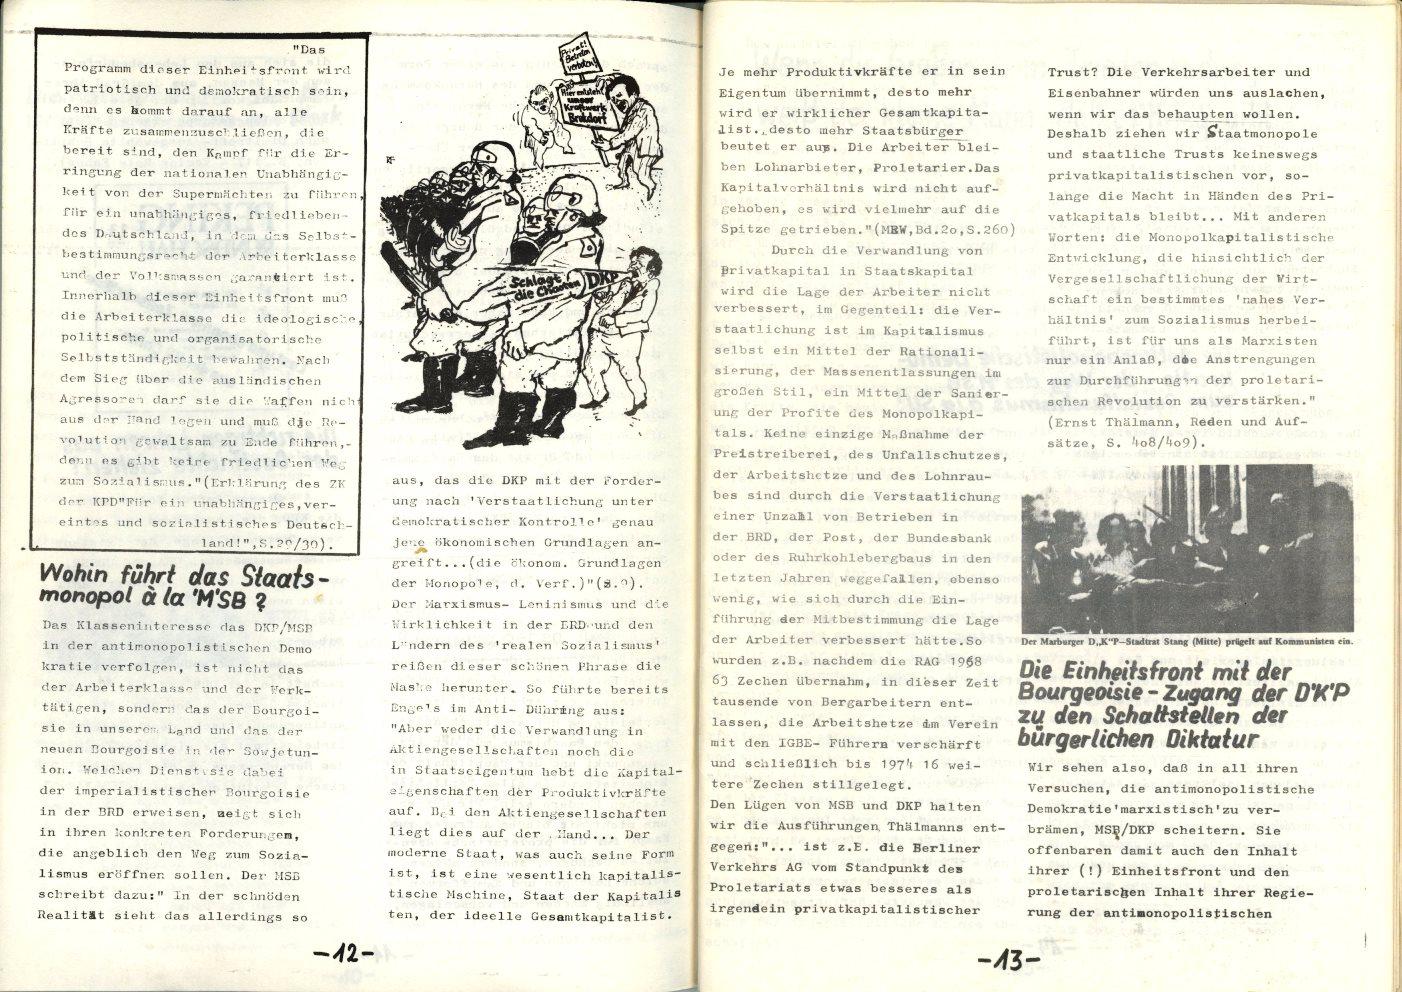 NRW_KSV_1977_Doku_zu_den_AStA_Wahlen_Nr_2_07